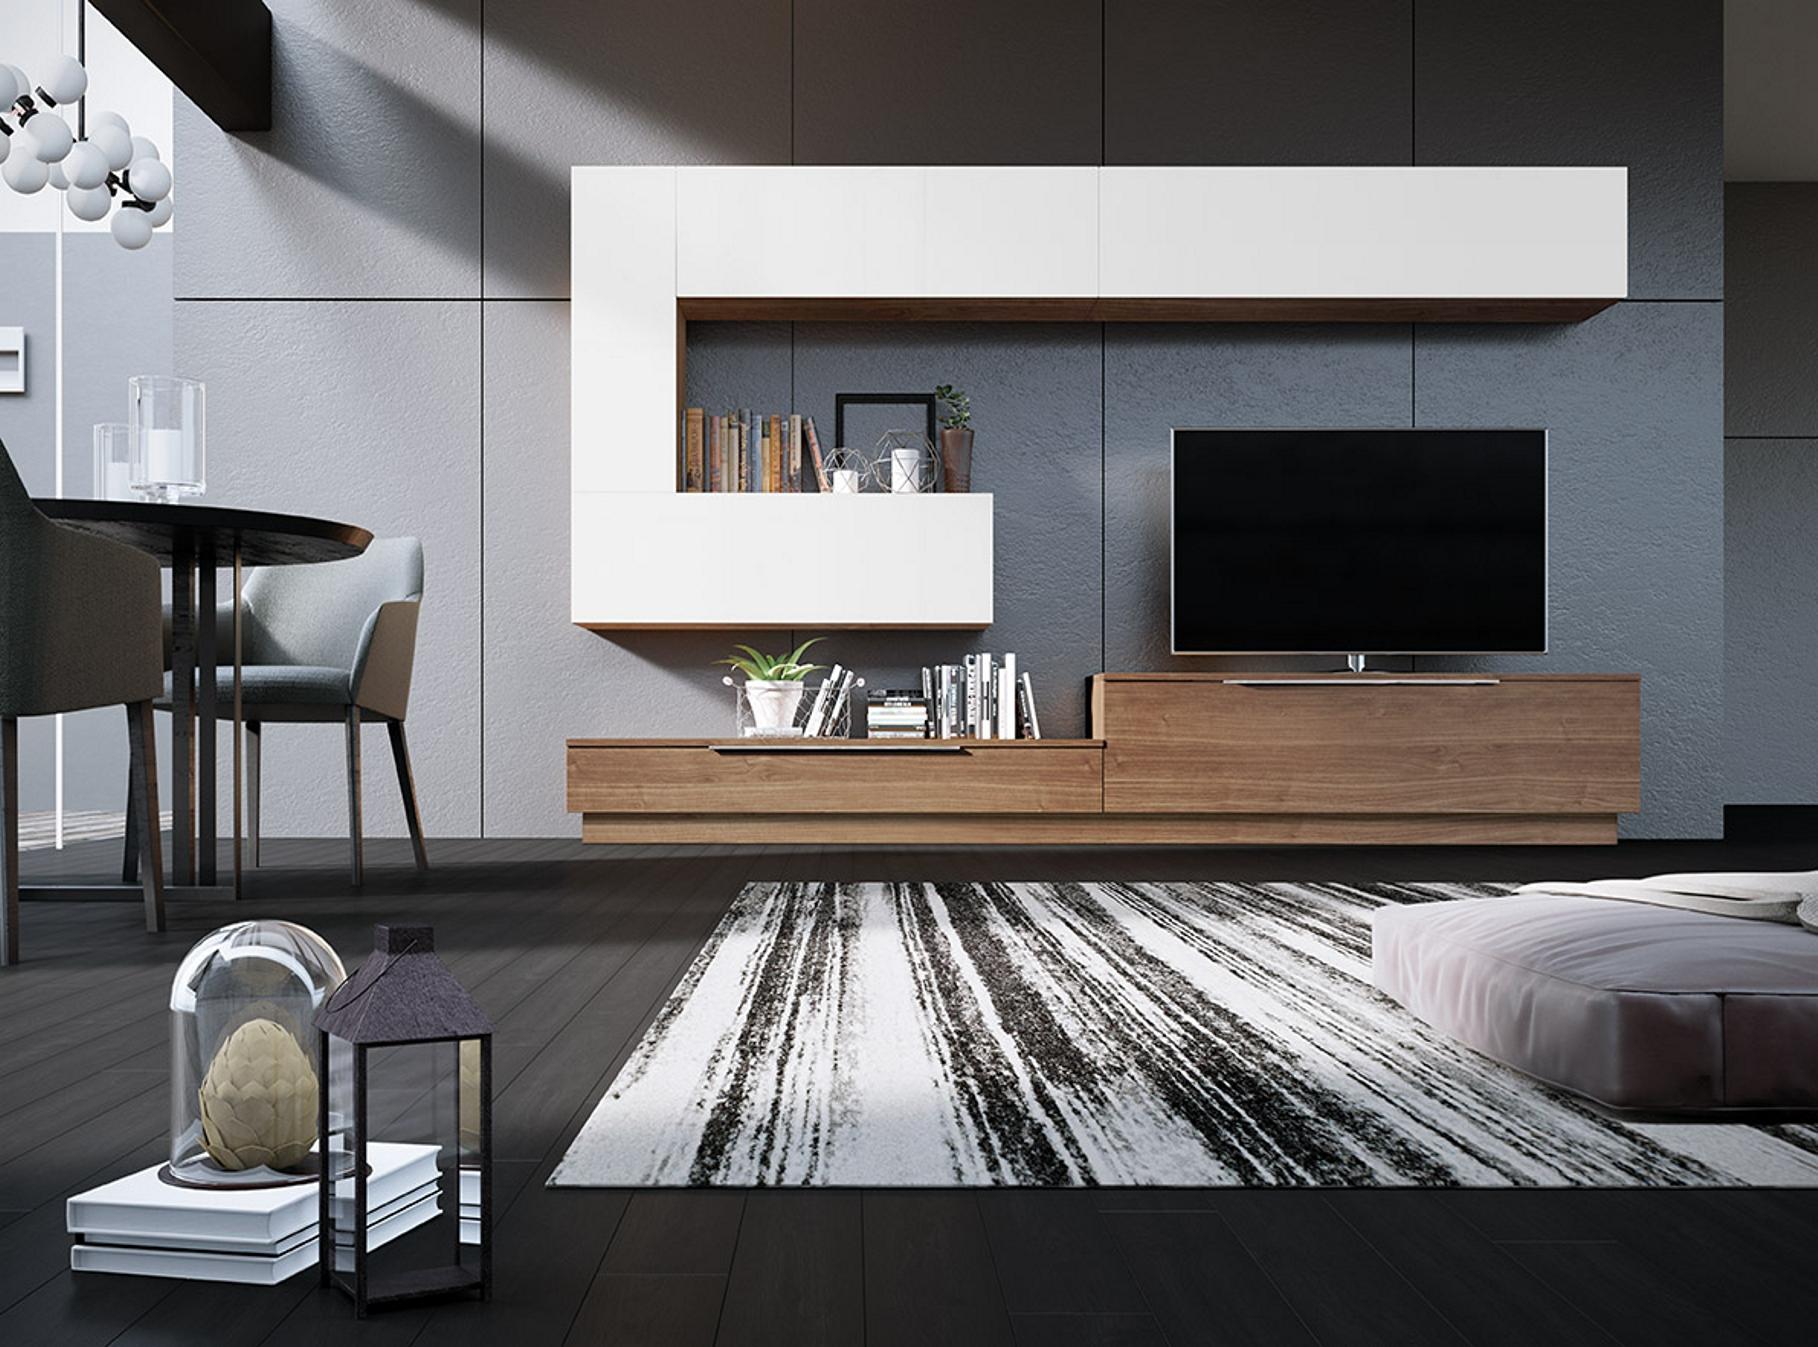 salon-moderno-Zion-3.0-muebles-paco-caballero-0907-5c8d32e69eb0c